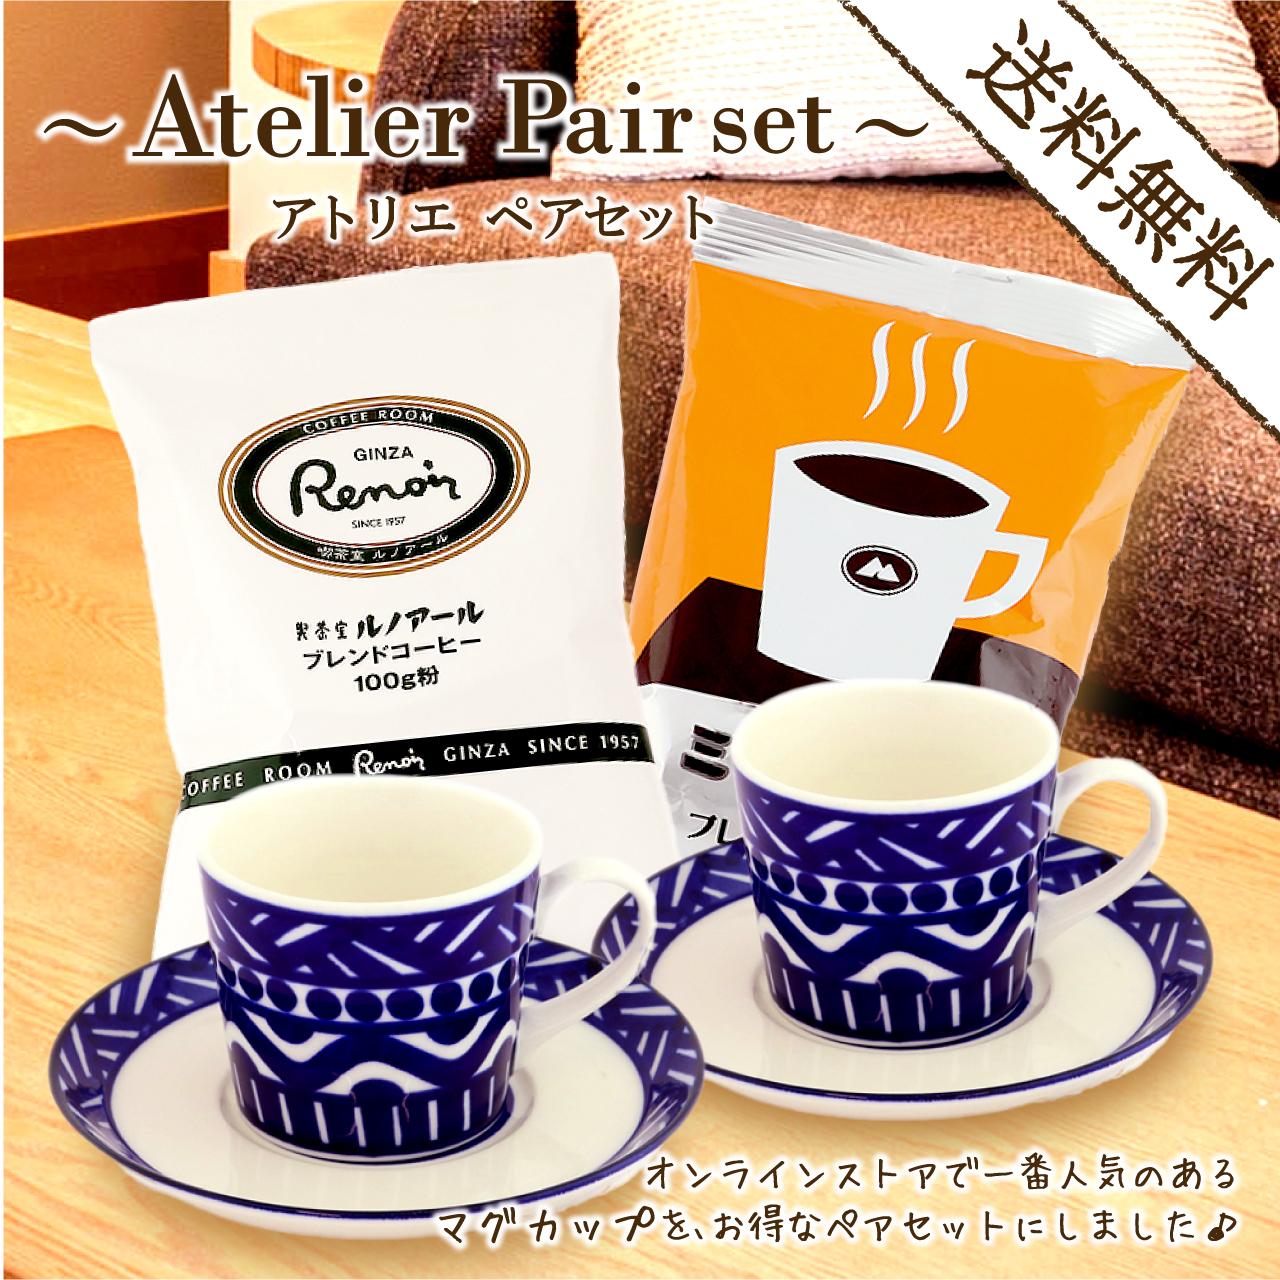 アトリエ♡ペアセット♡RUNOA COFFEE ブレンド珈琲 カップ&ソーサーペアセット(送料無料)